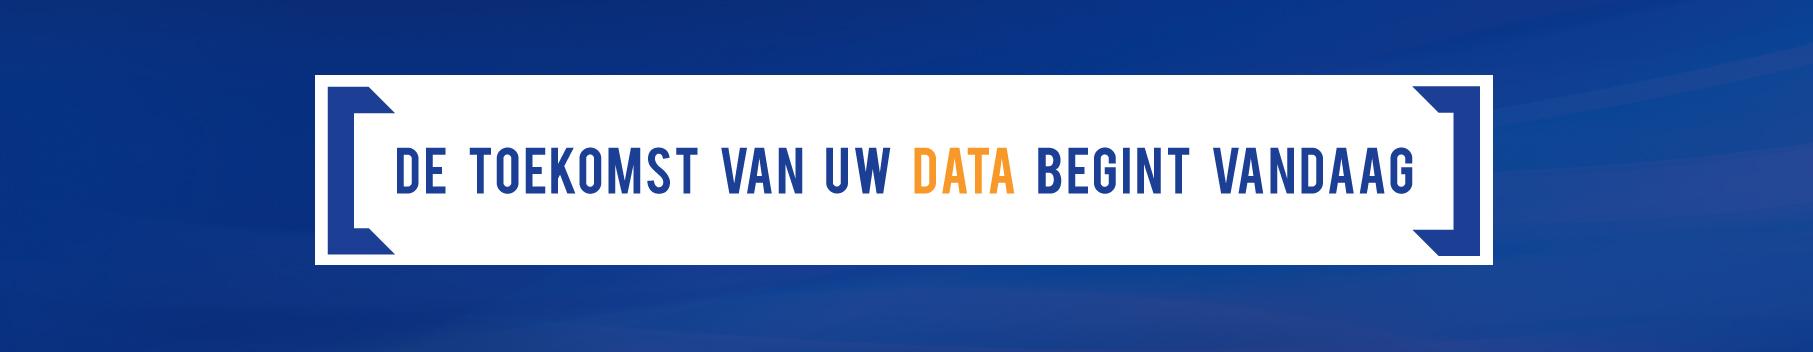 De toekomst van uw data begint vandaag